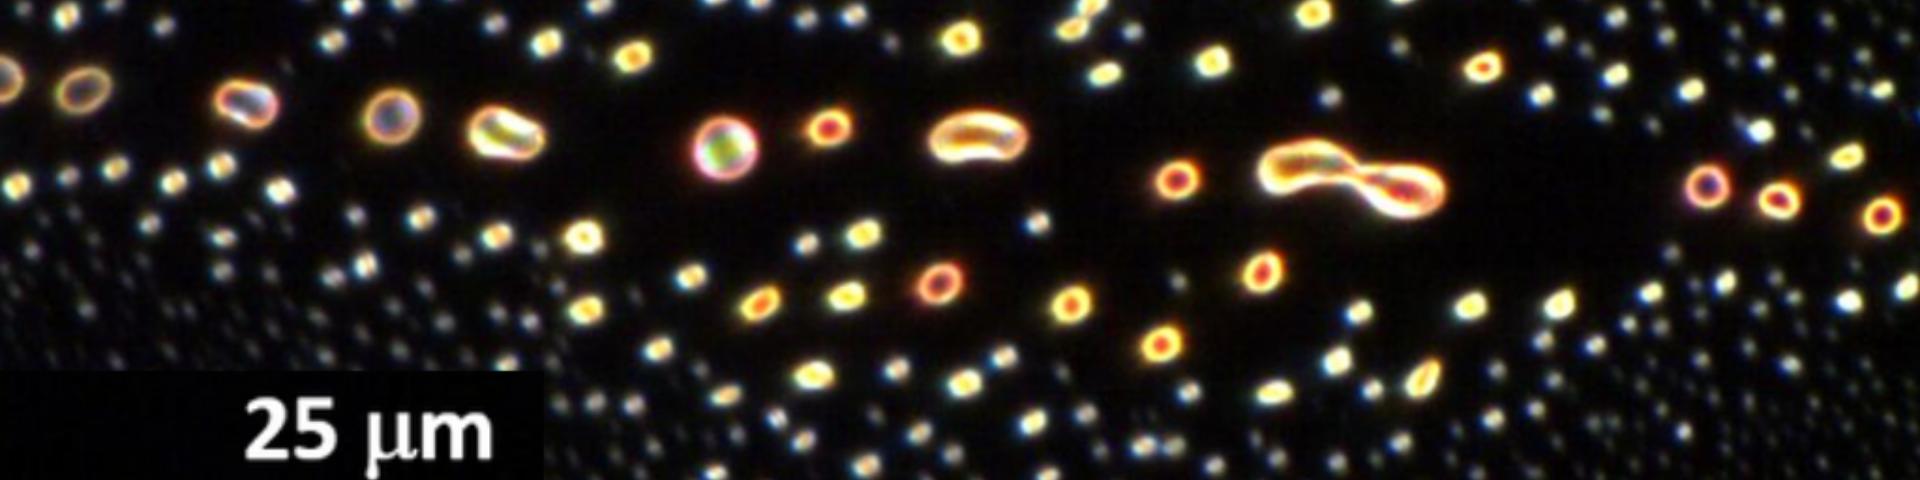 Nanopartikler